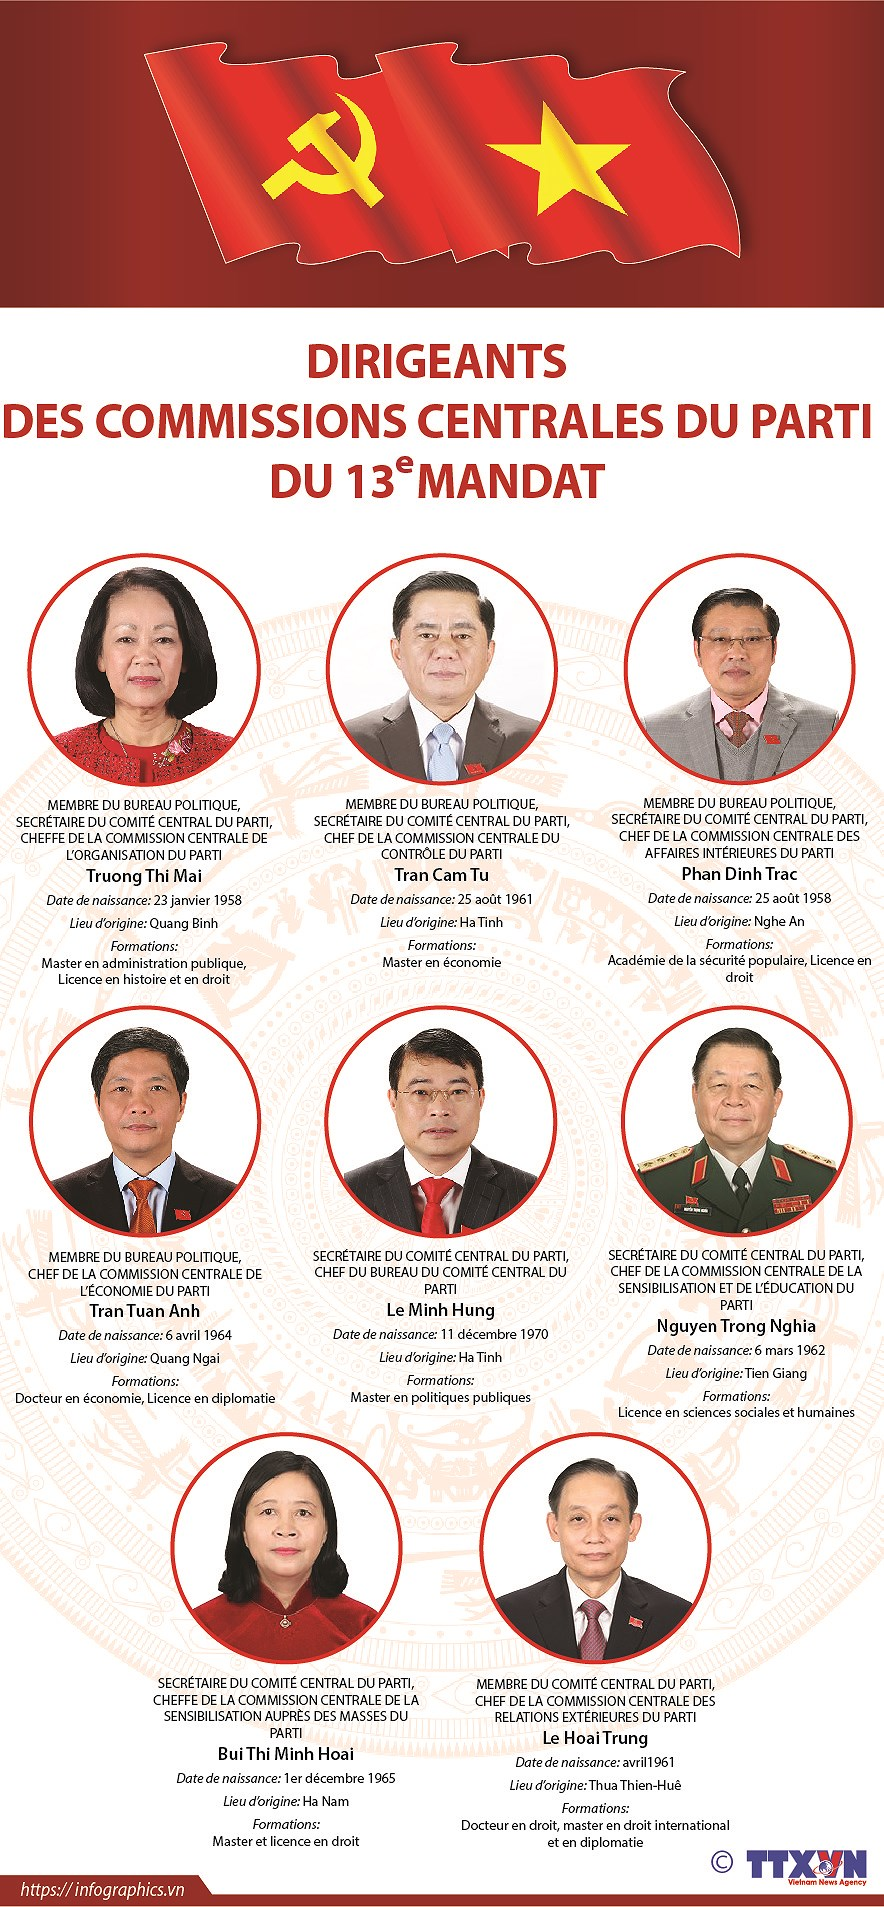 Les dirigeants des Commissions centrales du Parti du 13e mandat hinh anh 1